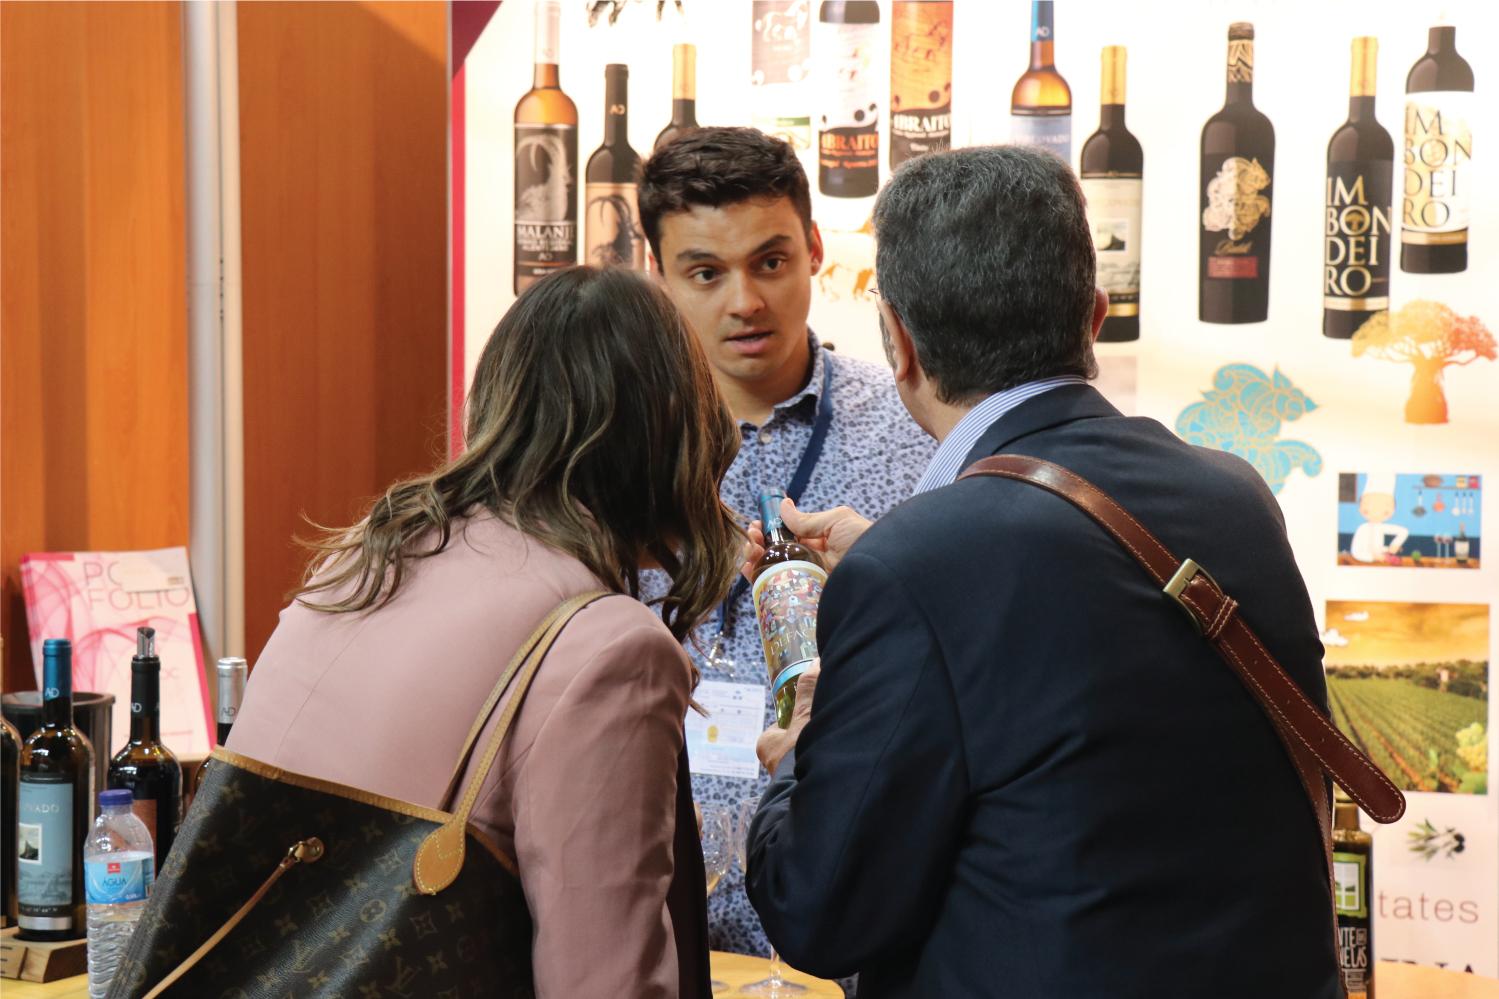 Vinicius Barbizani, Marketing & Hospitality Manager at ESSÊNCIA DO VINHO